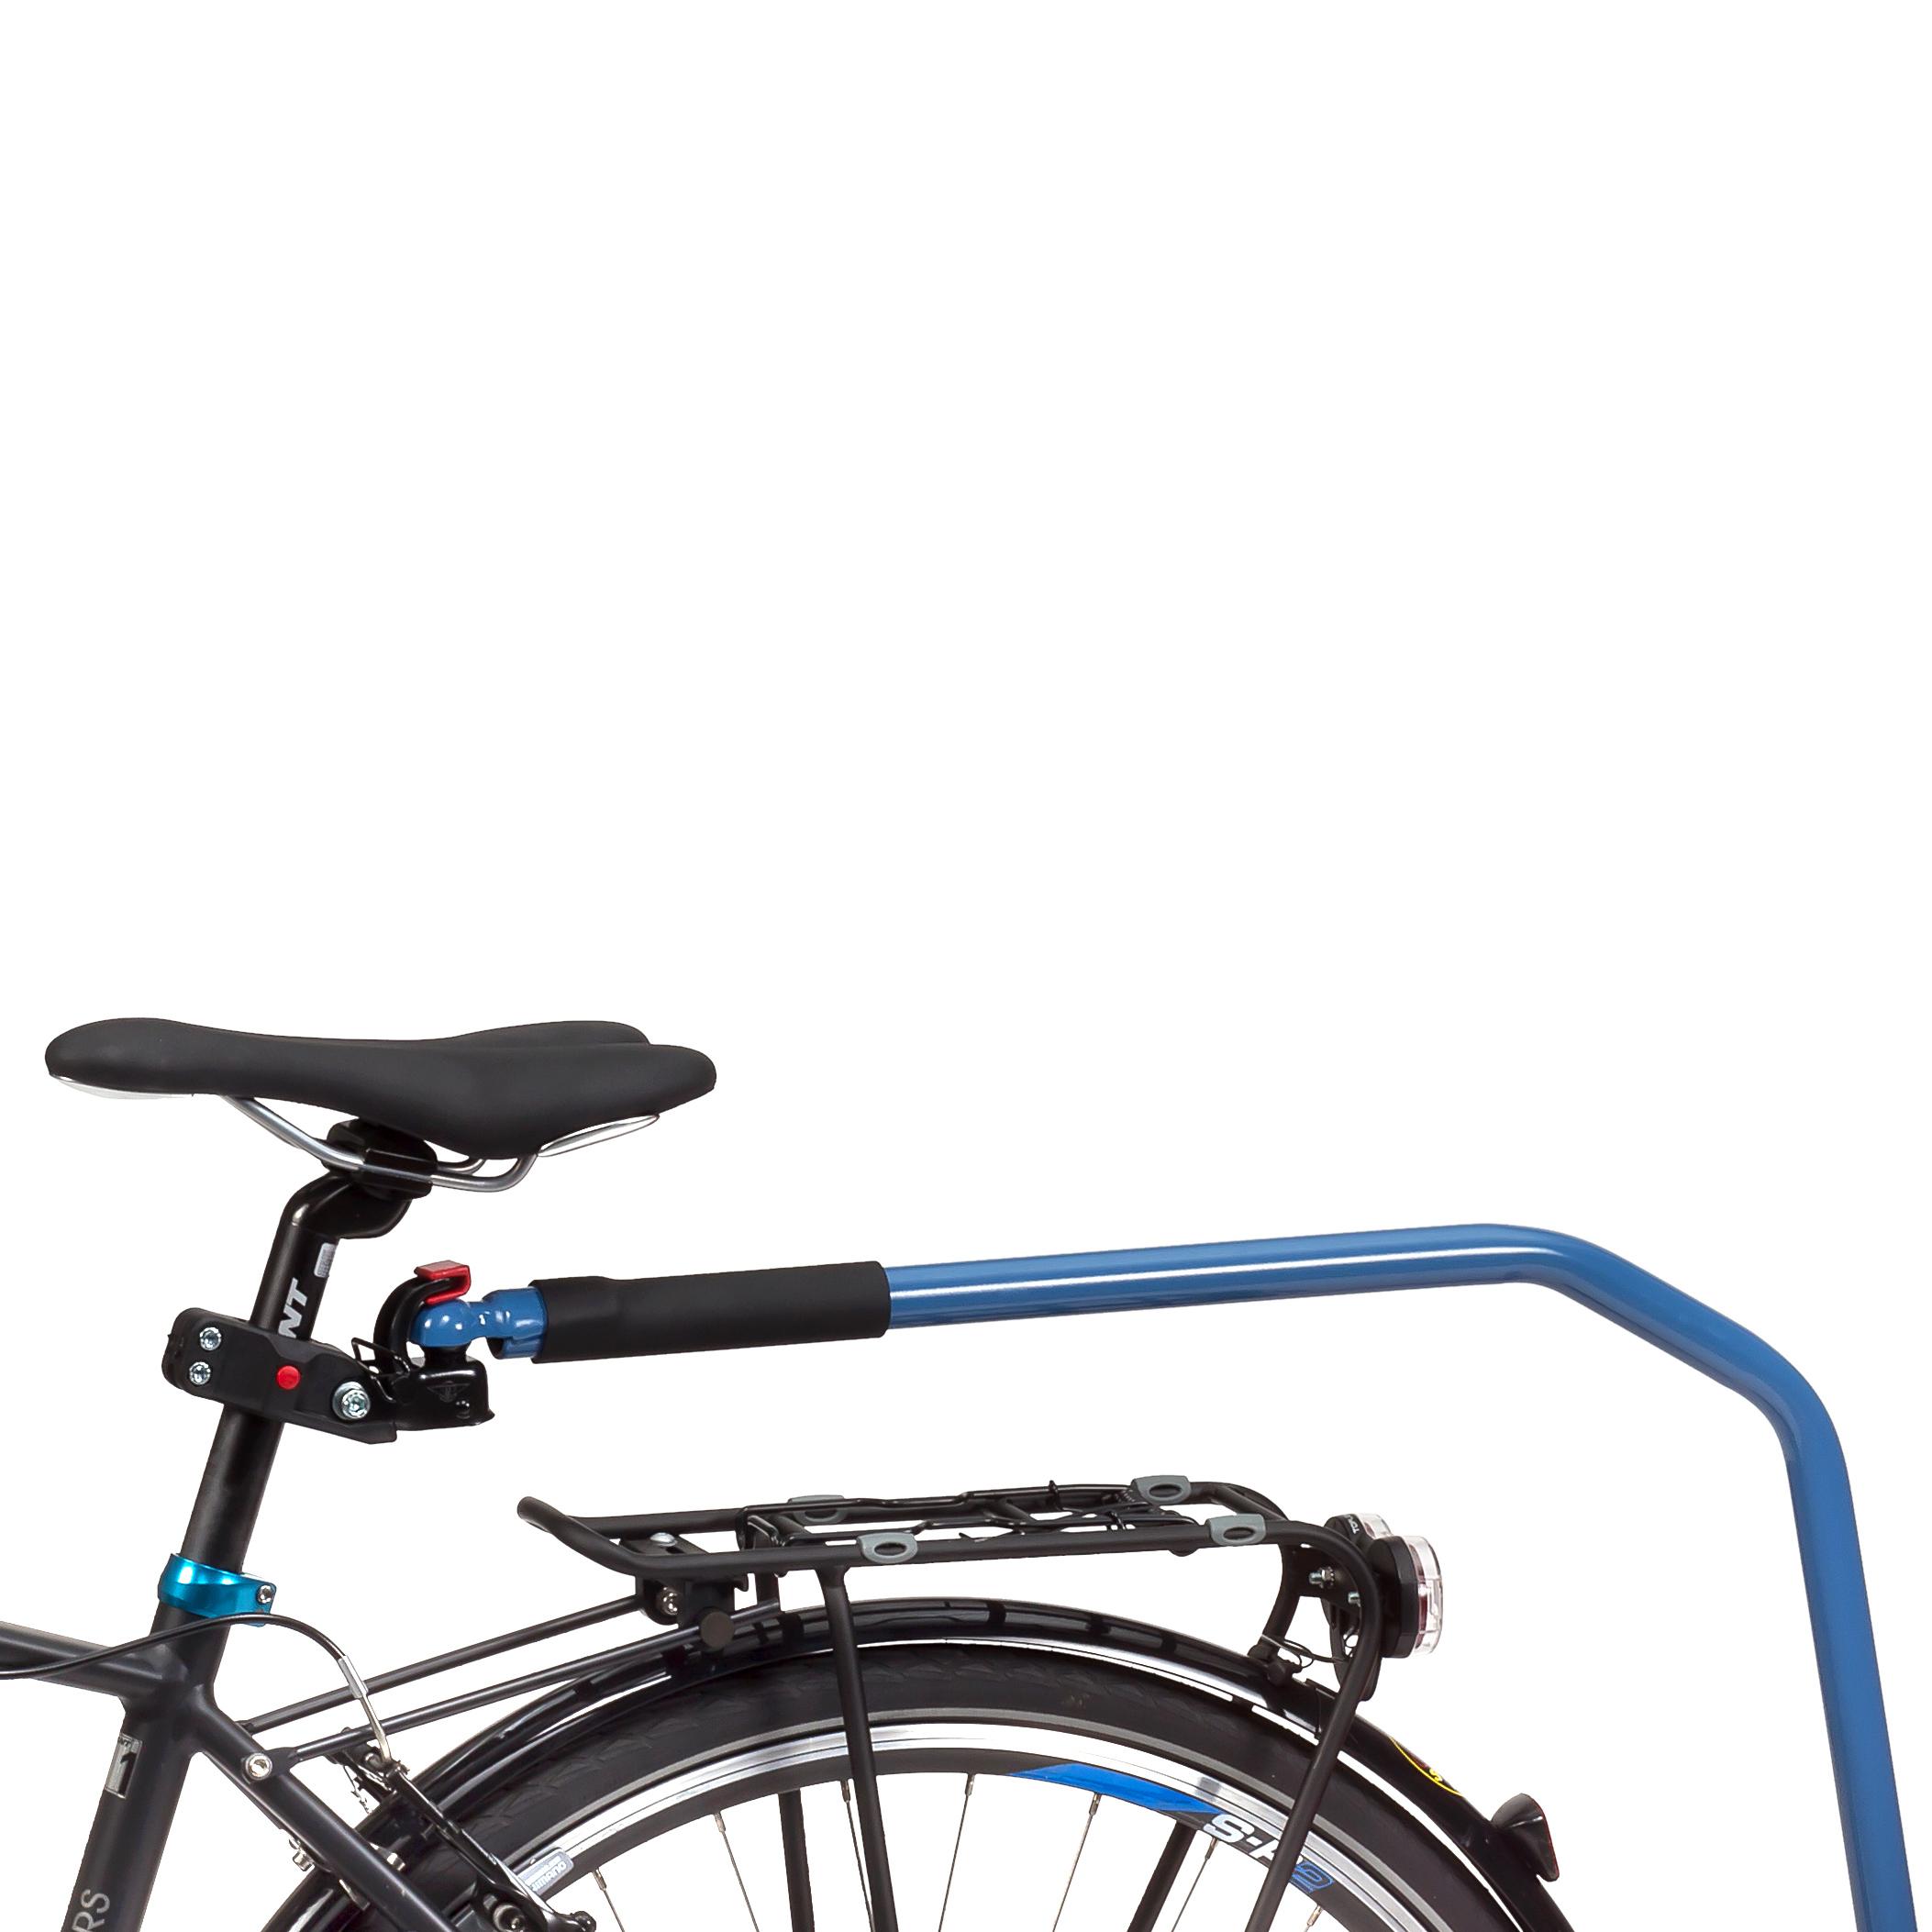 Fetra Fahrradkupplung für Handwagen, ab werk montiert 1297